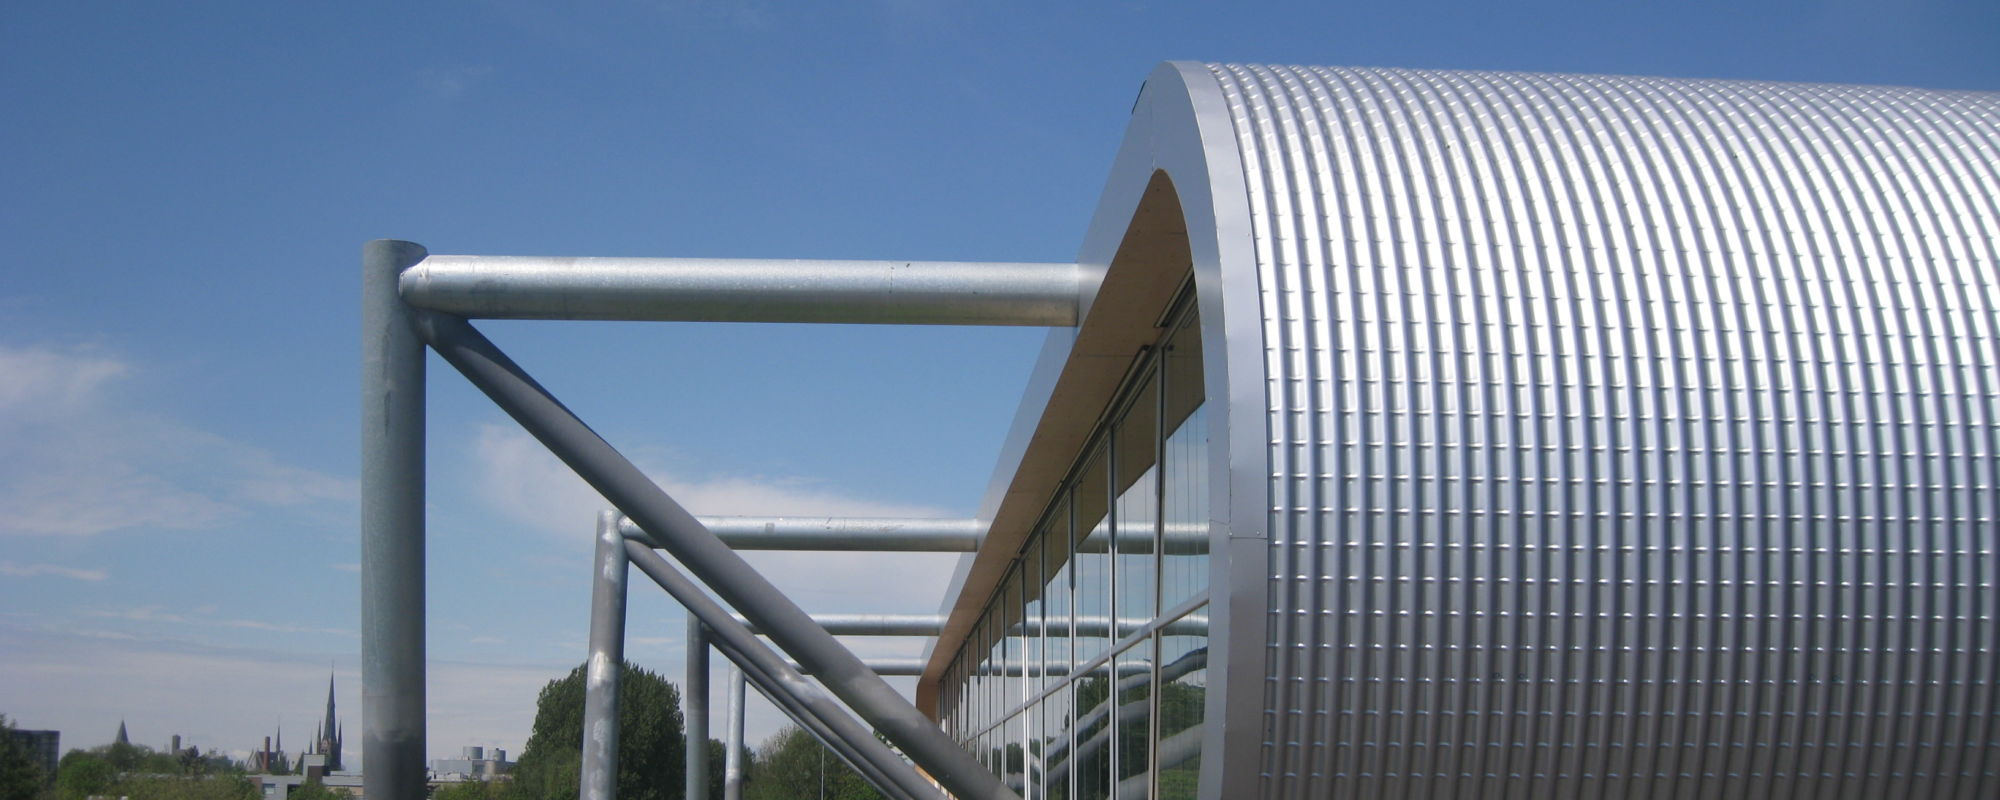 Uitbreiding van de Zwerfkei Outdoor & Travel centre